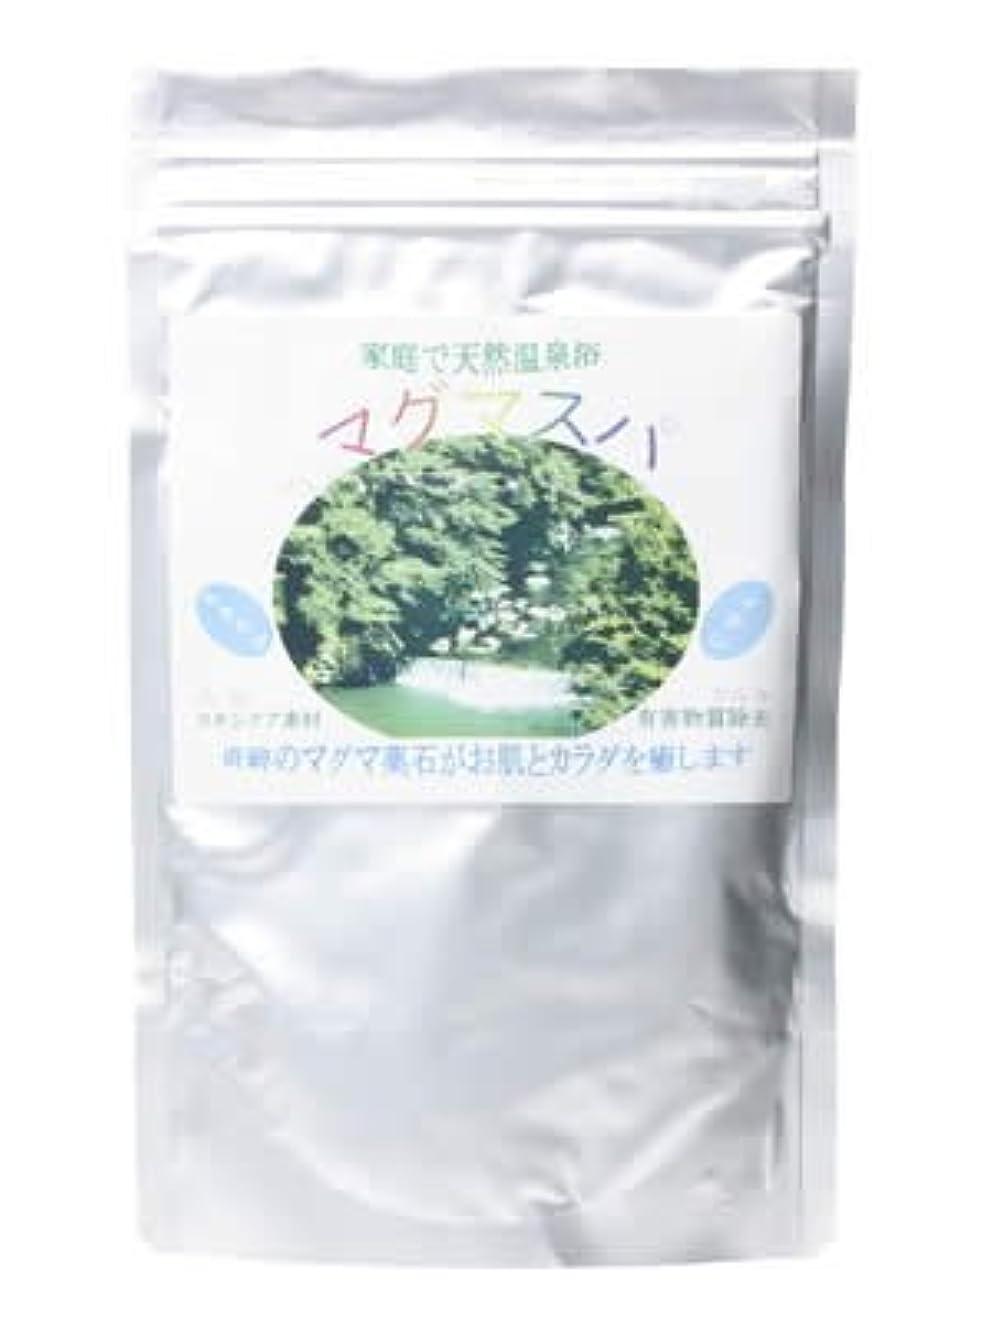 対立連想同行する天然薬石入浴剤マグマスパ 360g